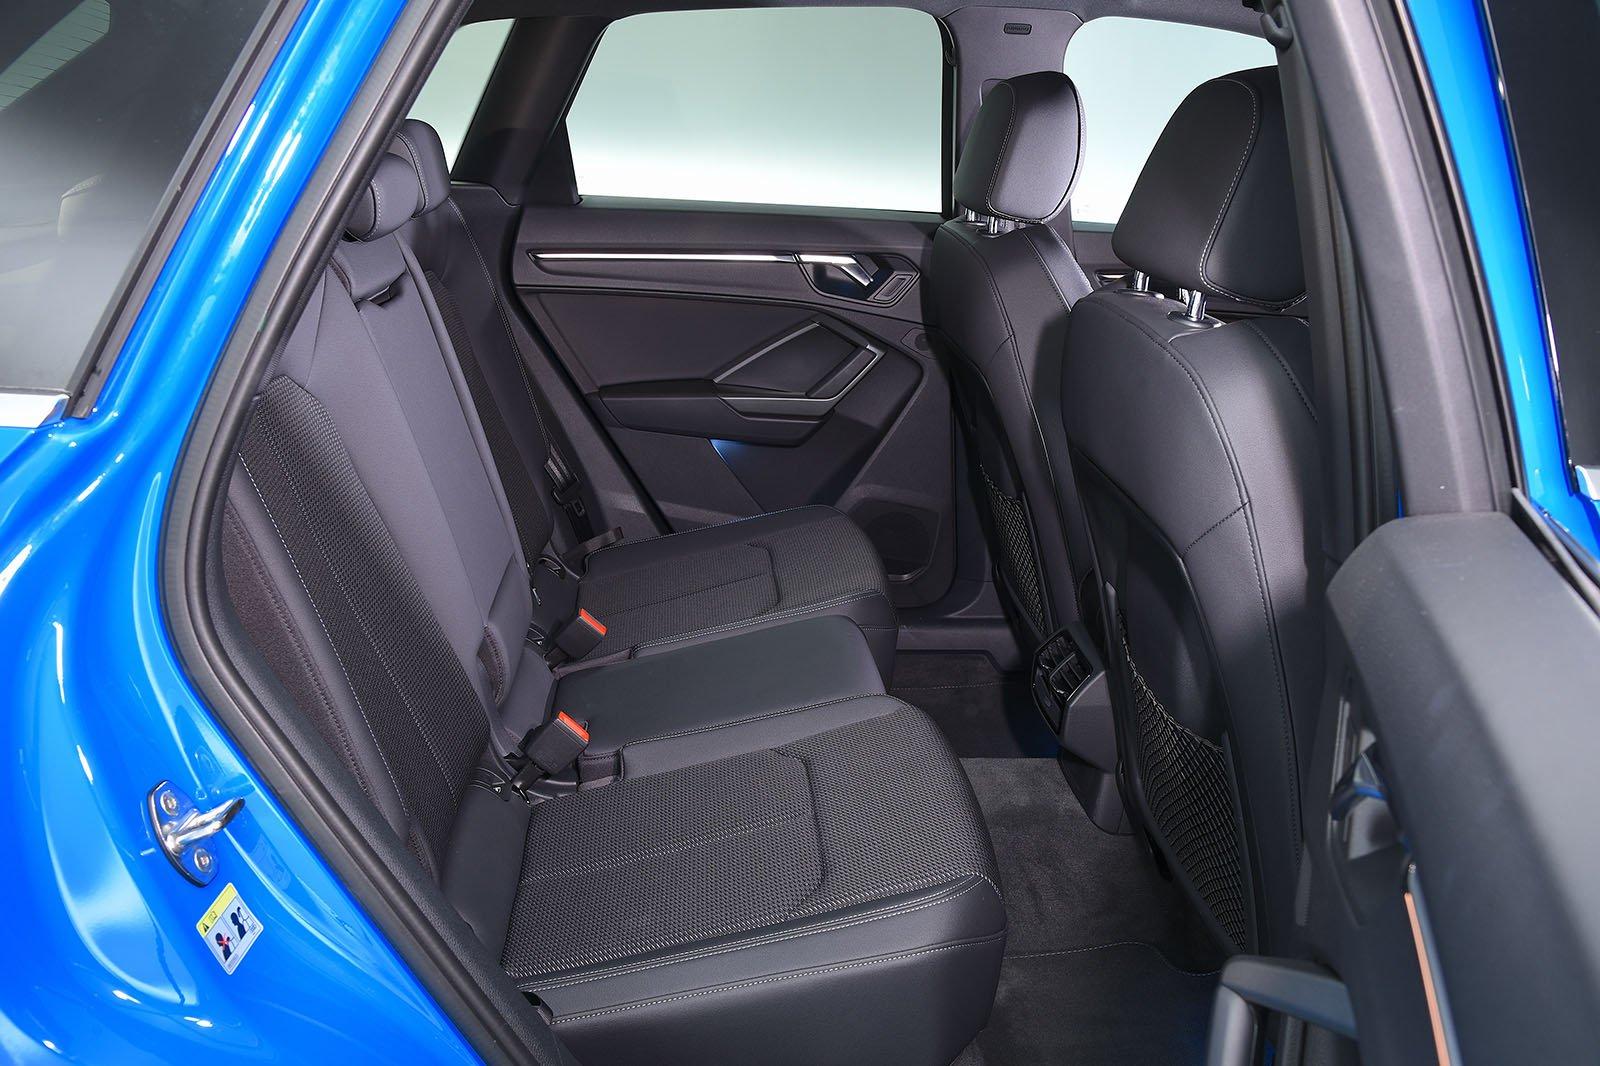 audi-q3-2020-rear-seats